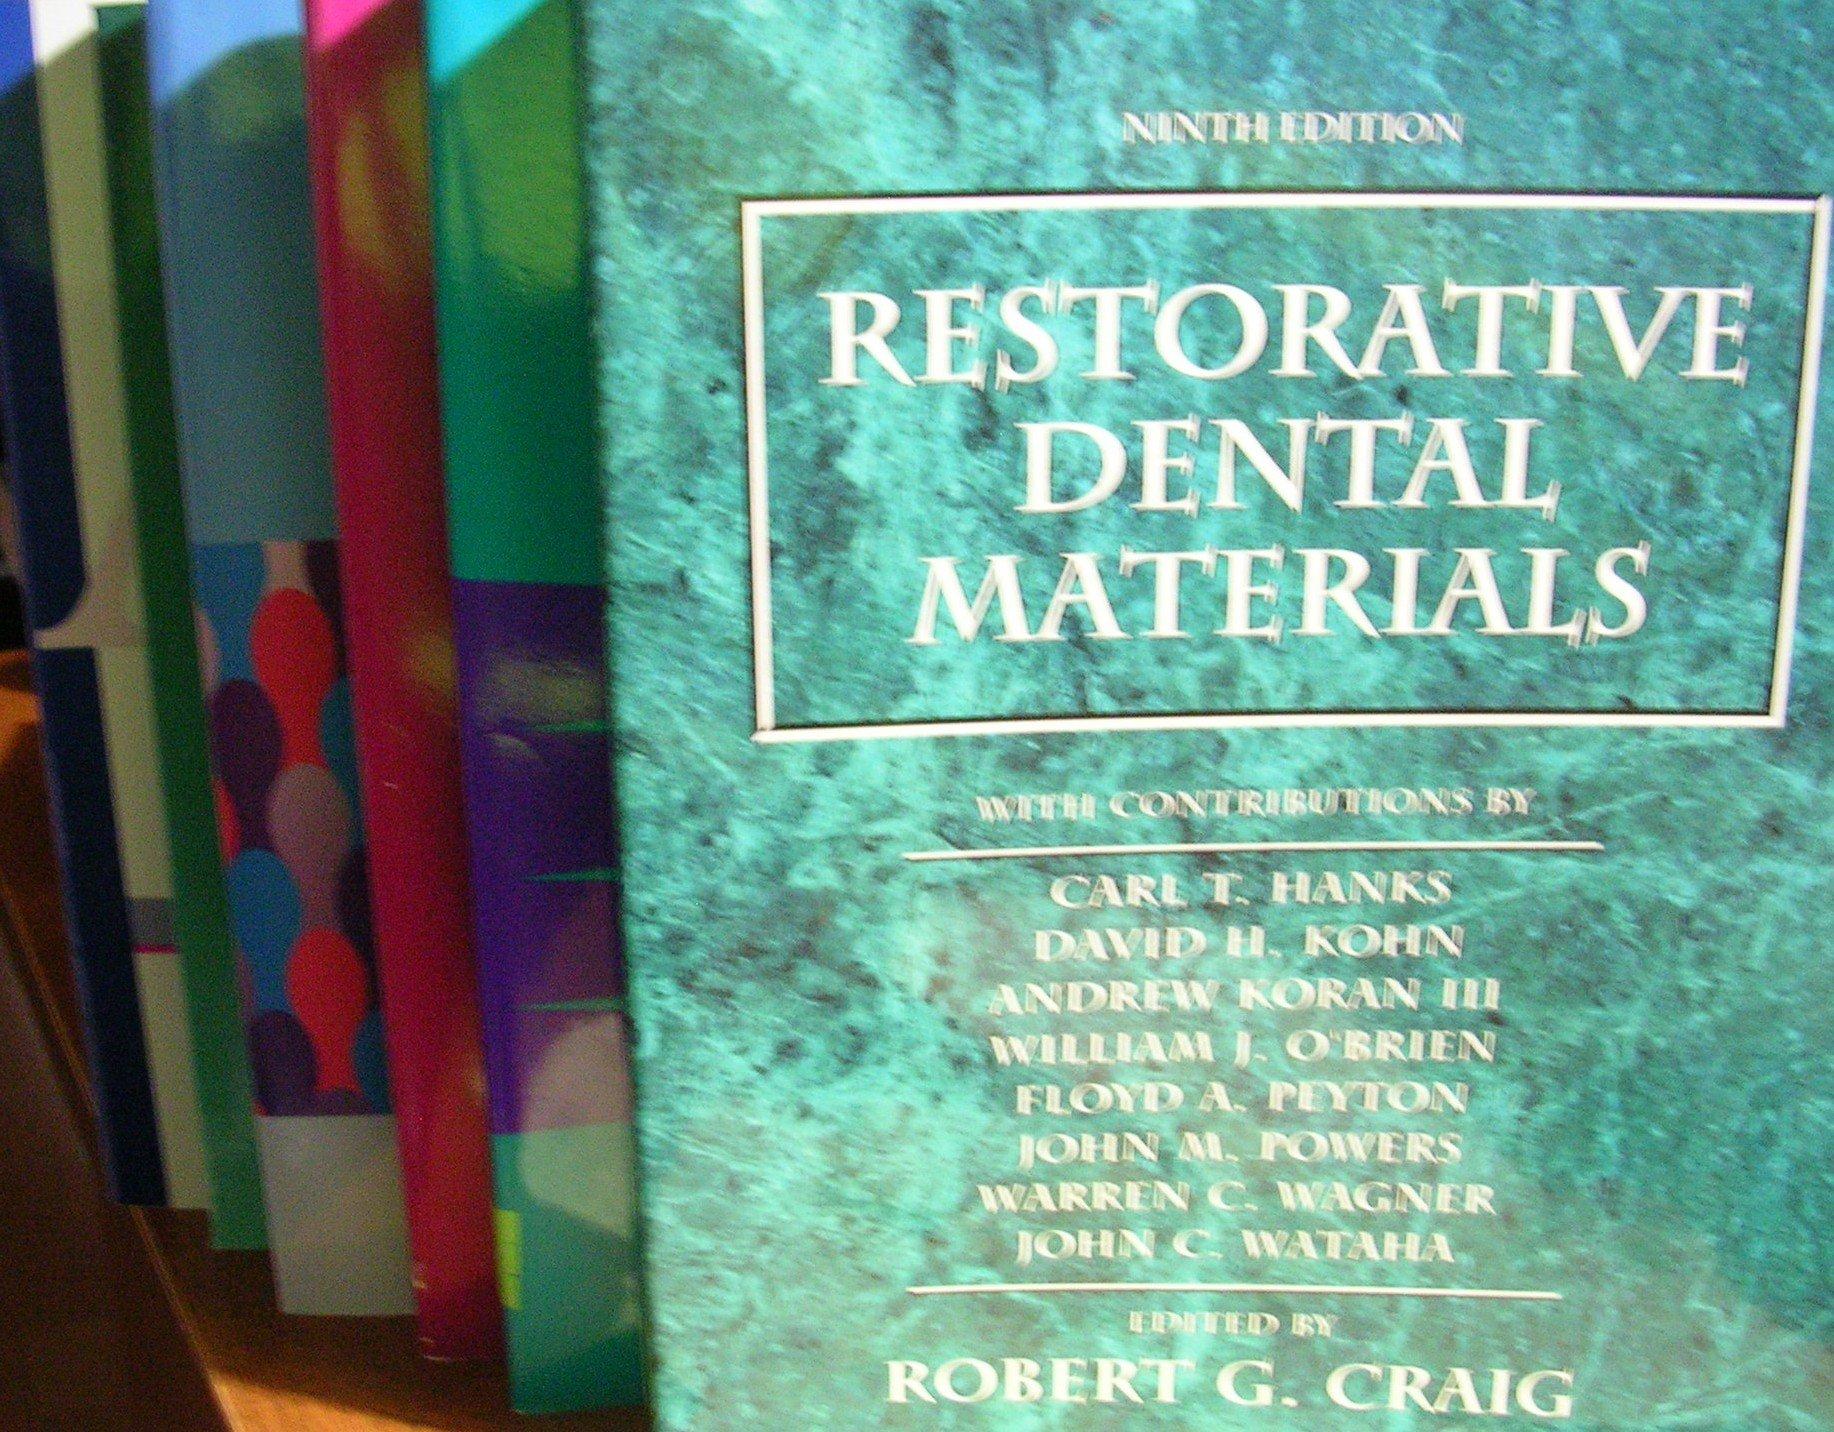 6 Book Bundle On Dental Titles Restorative Dental Materials Ninth